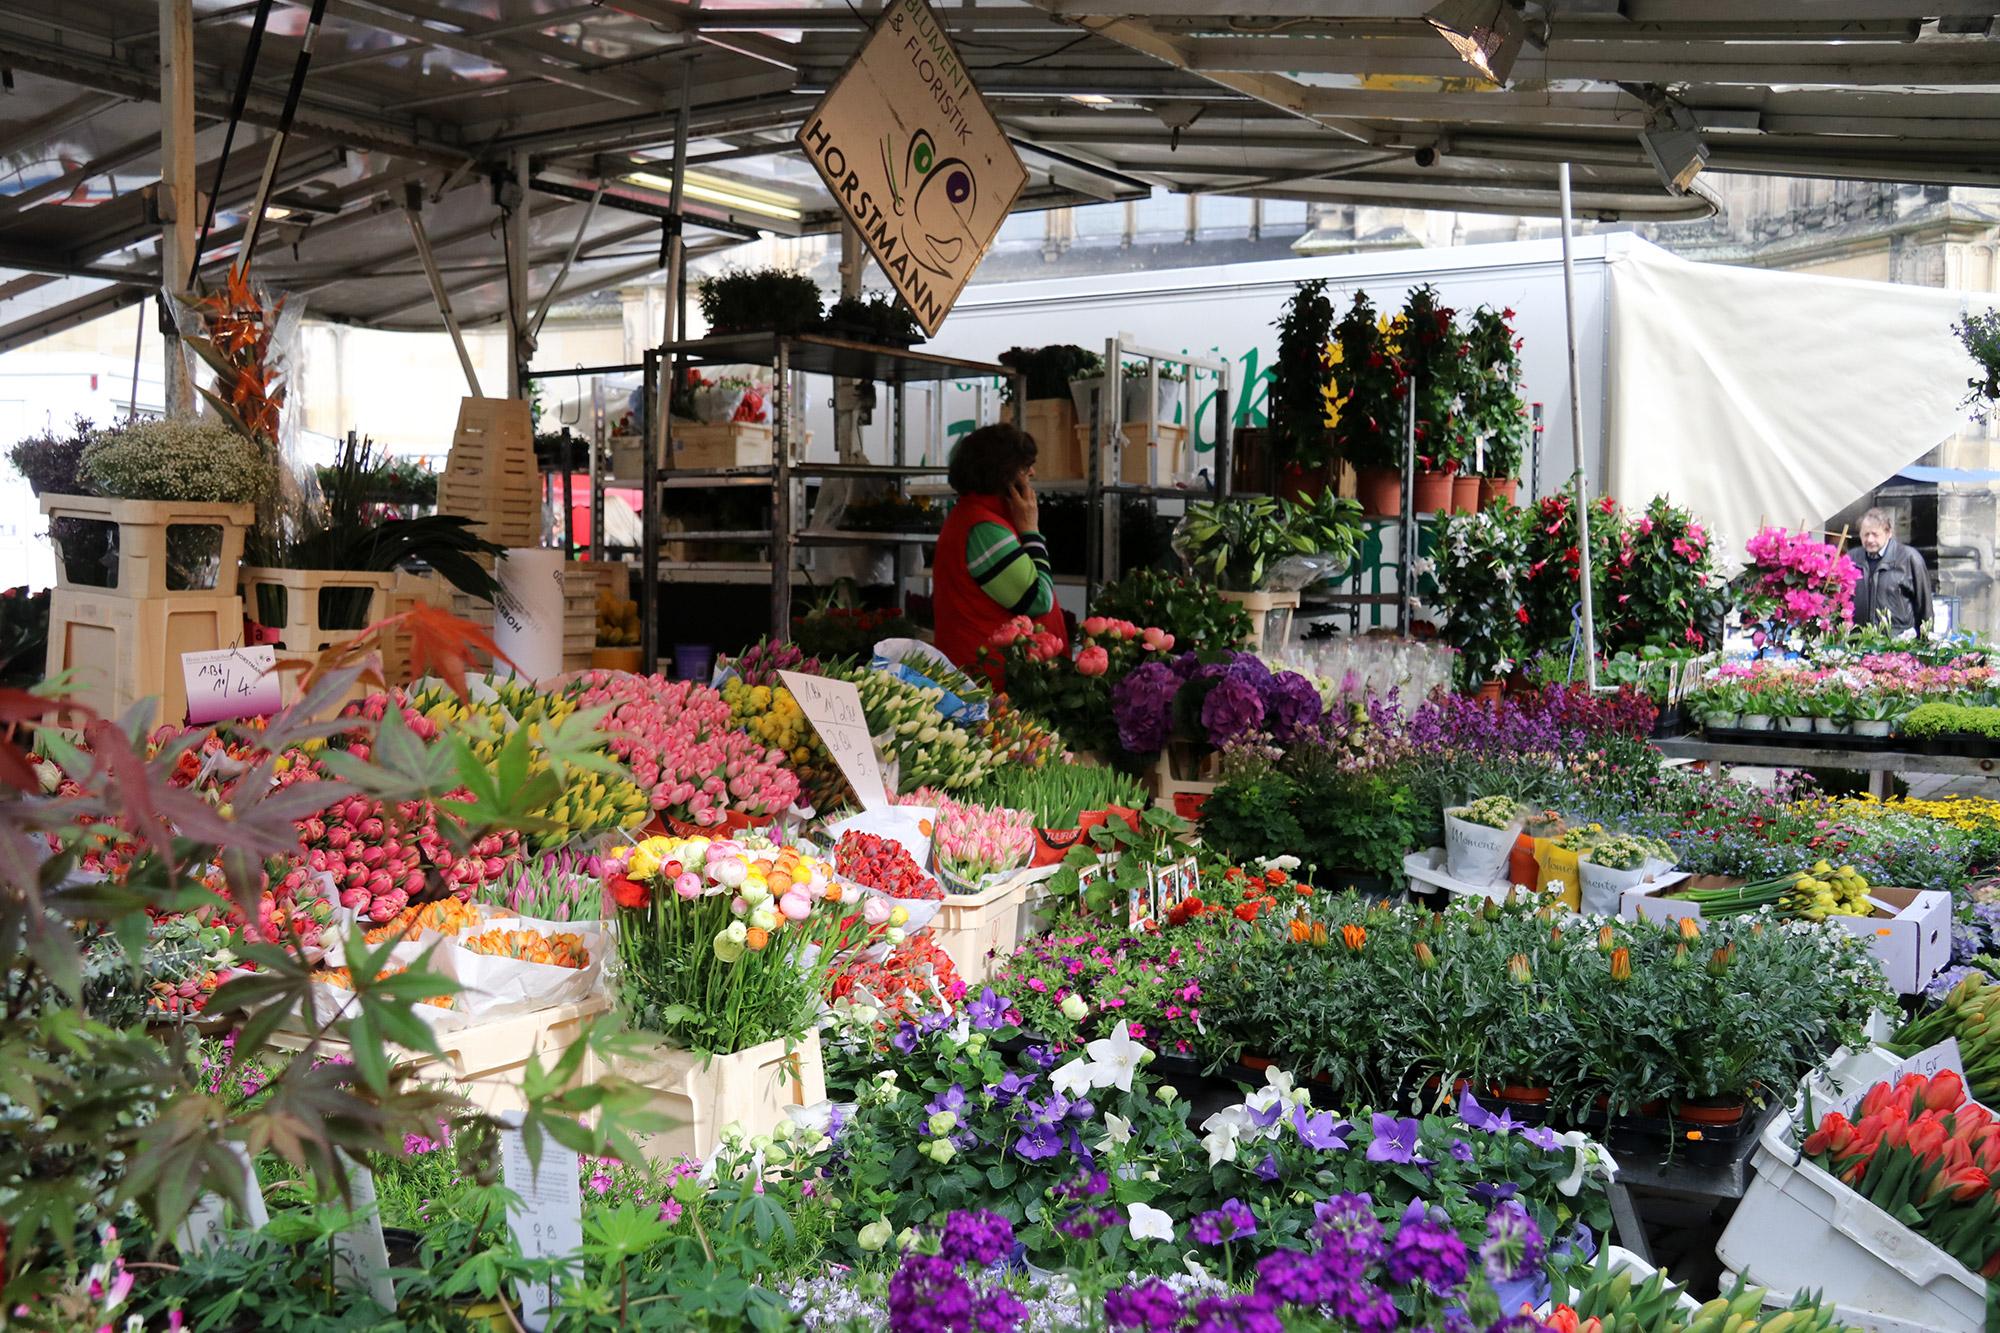 Weekendje weg Münster - Markt van Münster op zaterdag